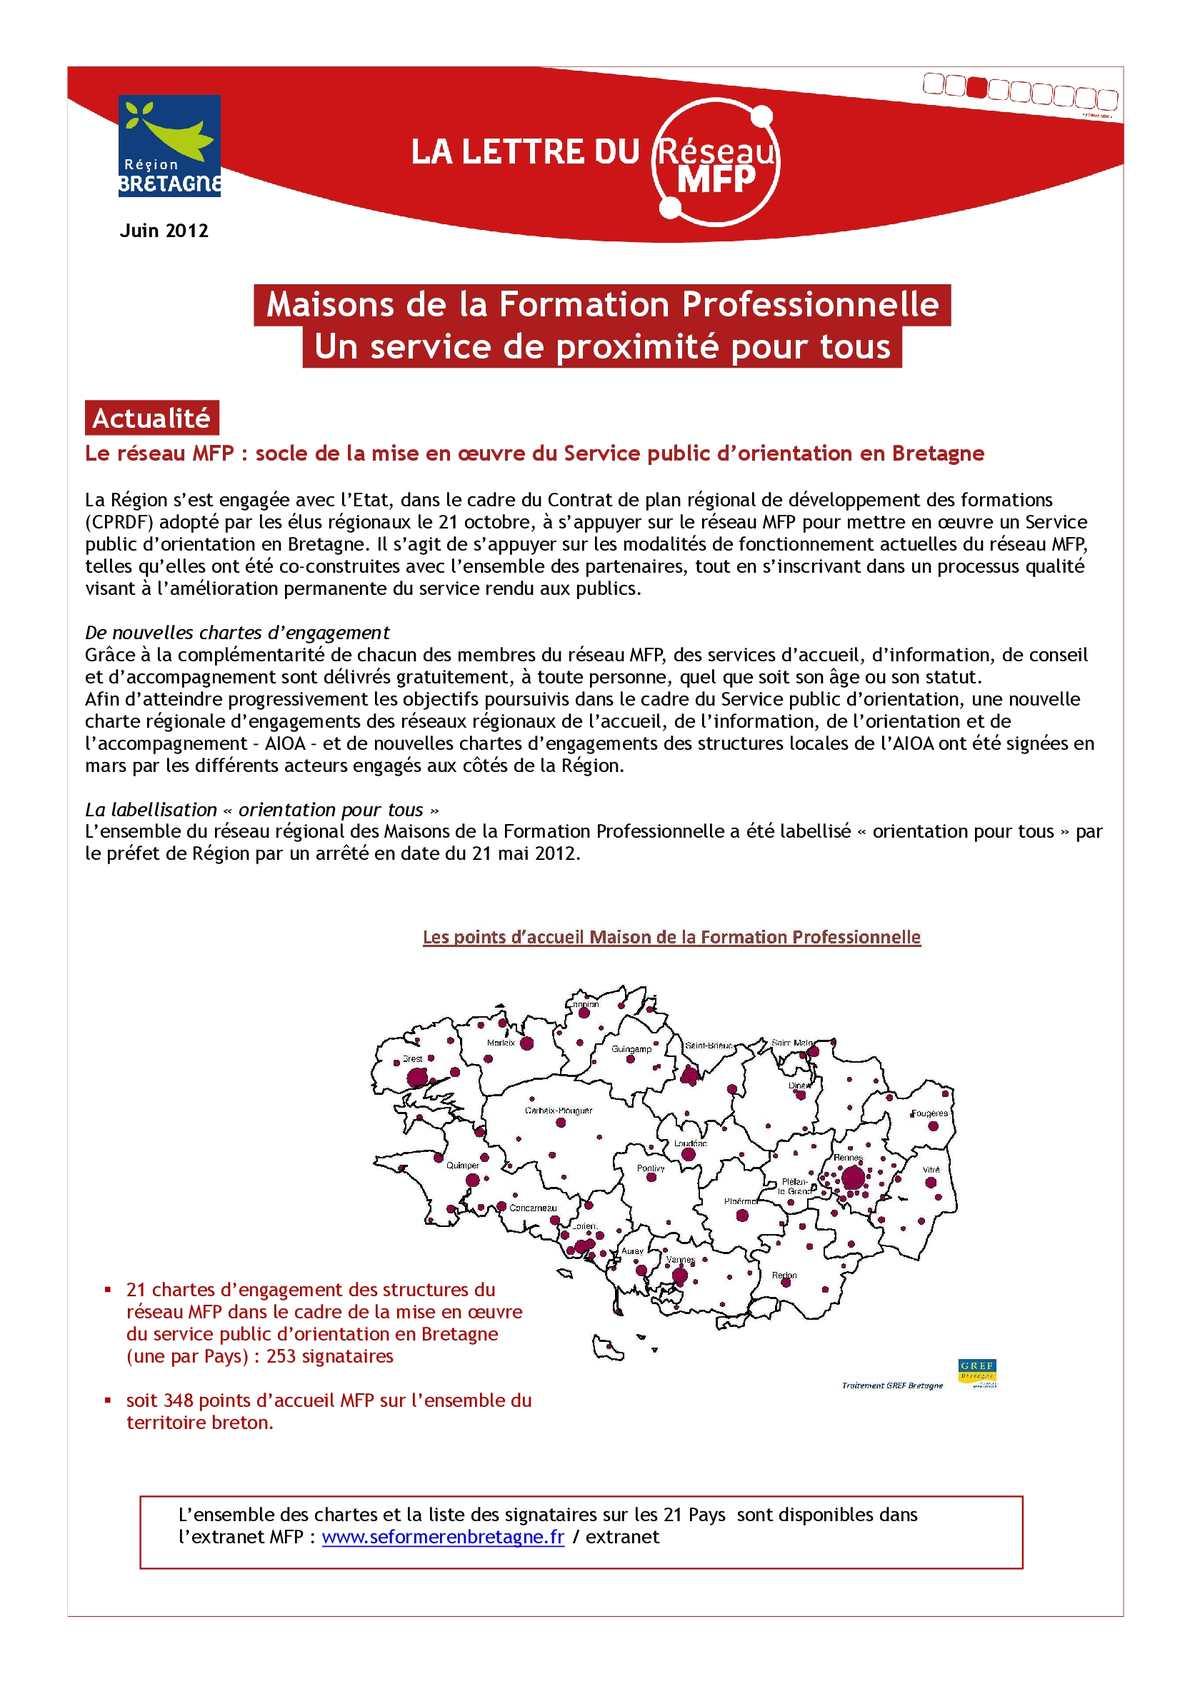 Calaméo - Lettre d information réseau MFP - Juin 2012 17ed75150130